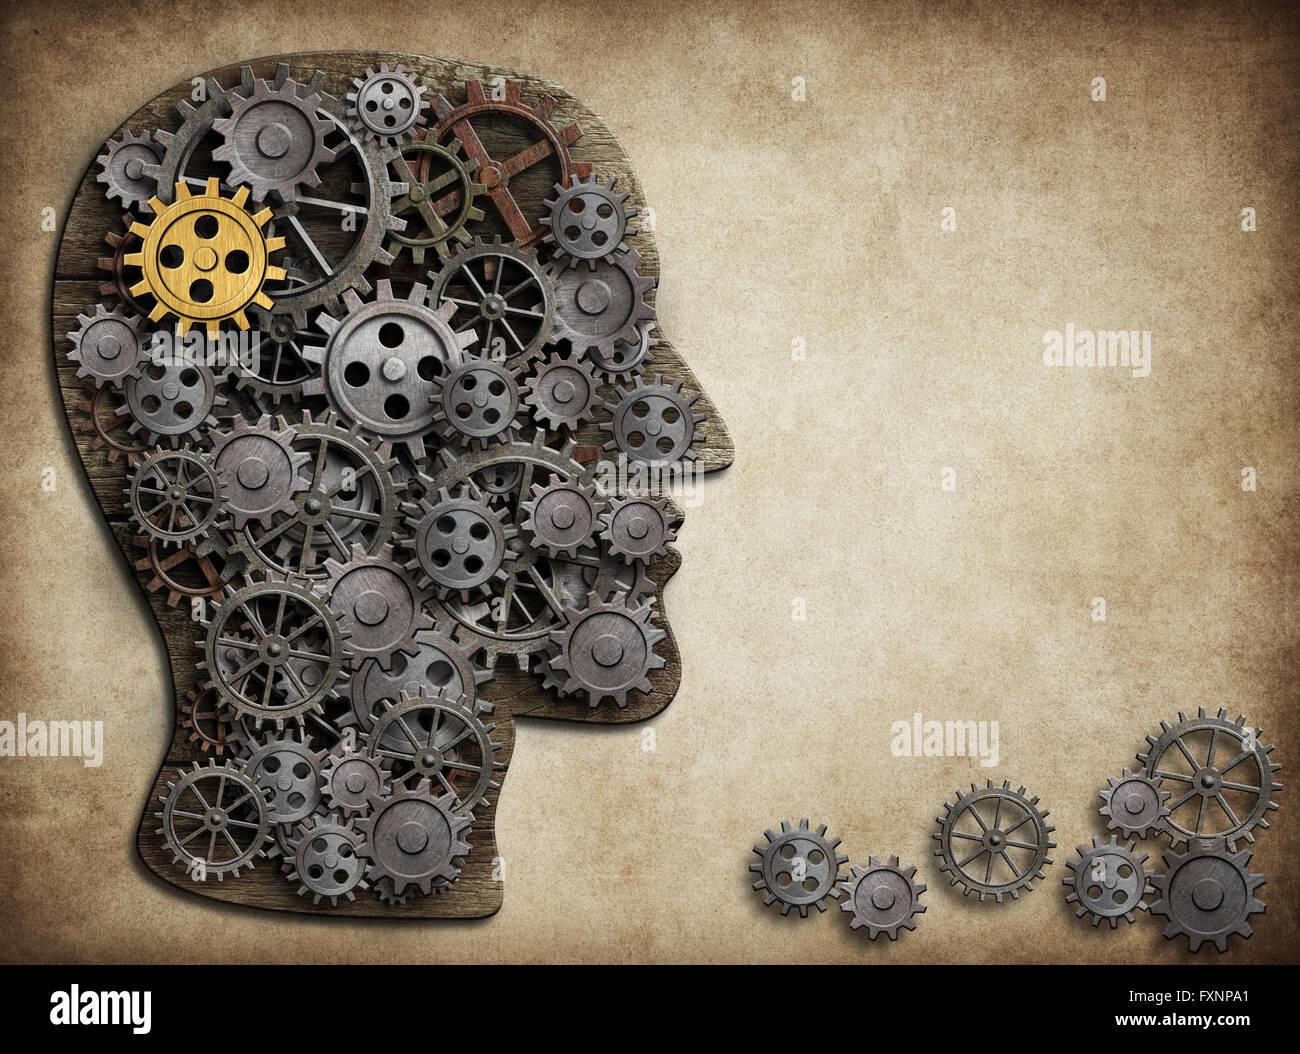 Gehirn-Getriebe und Zahnräder, Idee Konzept. Stockbild